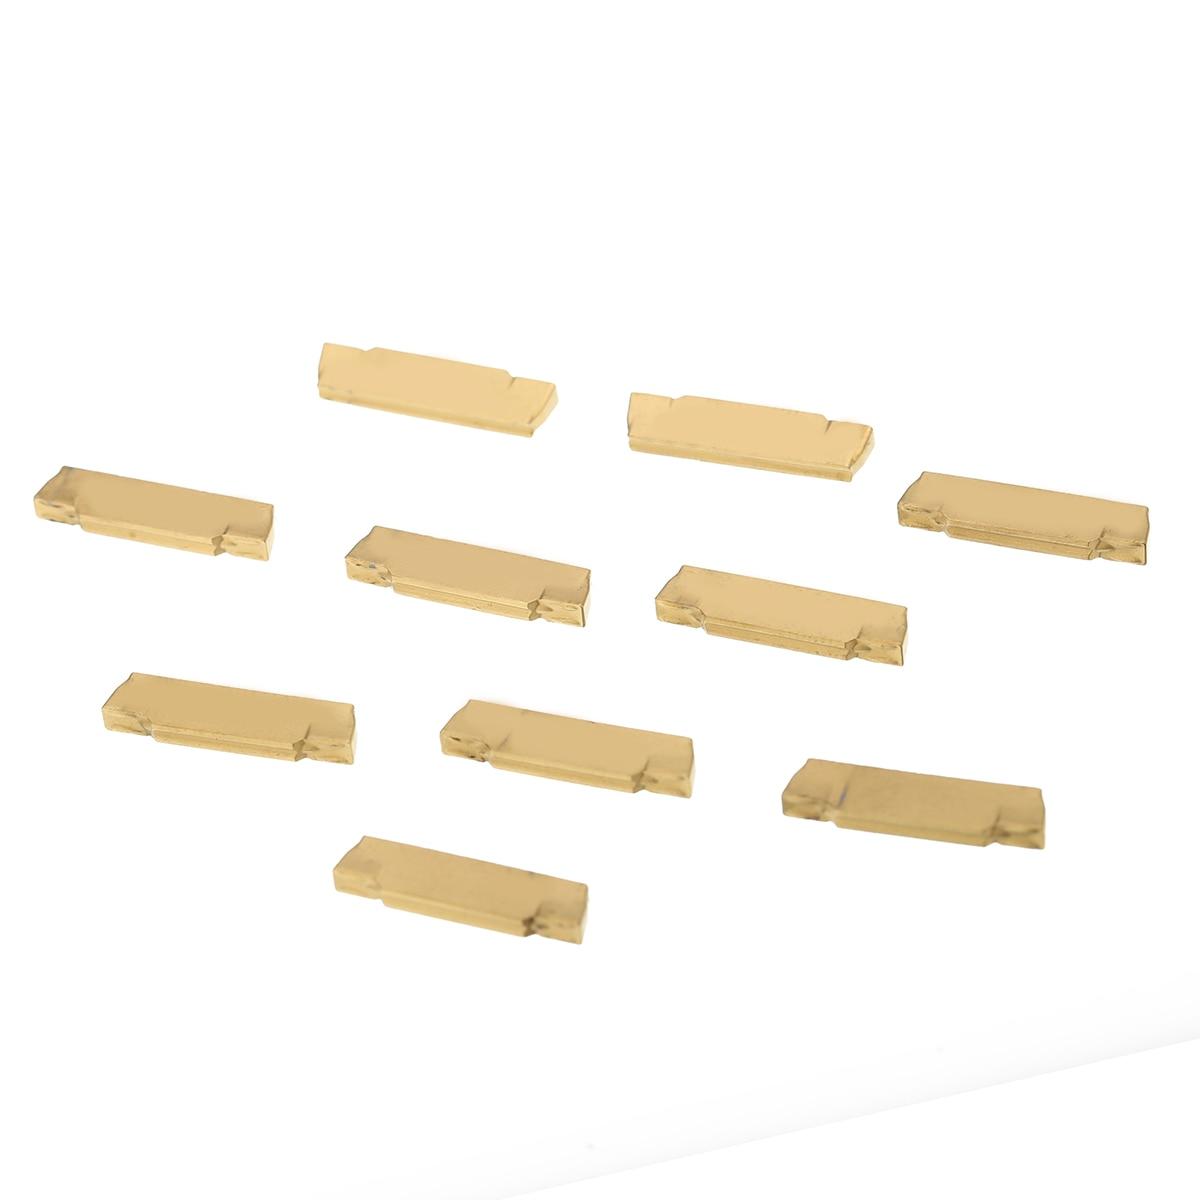 10 шт. MGMN200-G Карбид режущая вставка для MGEHR/MGIVR рифленые отрезные Карбид инструмент вставка токарный резак инструмент